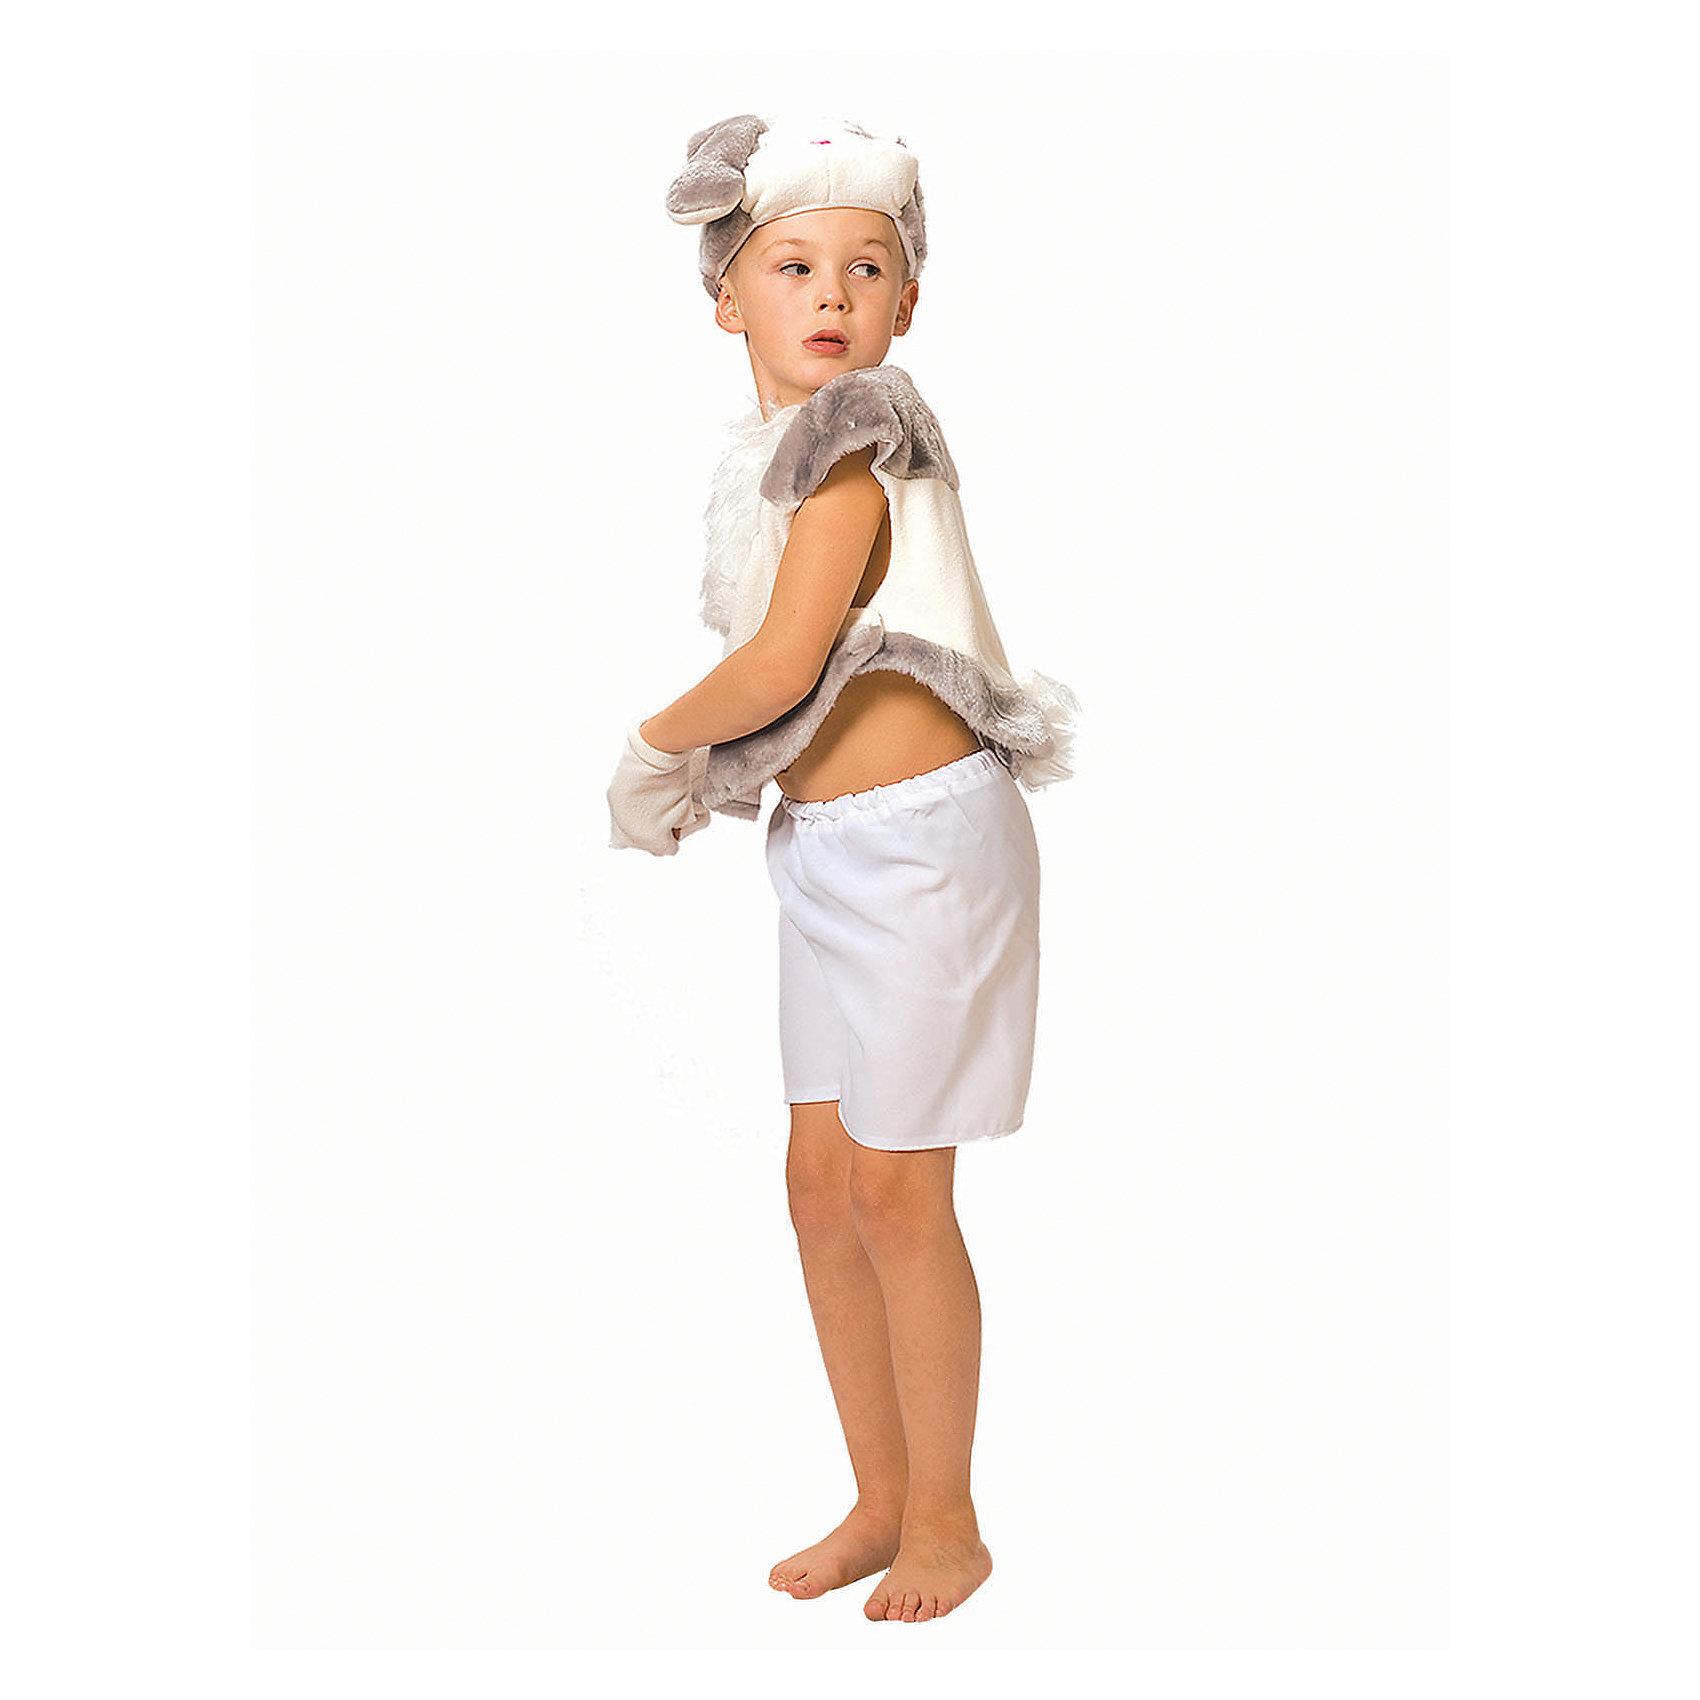 Вестифика Карнавальный костюм для мальчика Зайчонок, Вестифика вестифика карнавальный костюм для мальчика зайчонок вестифика